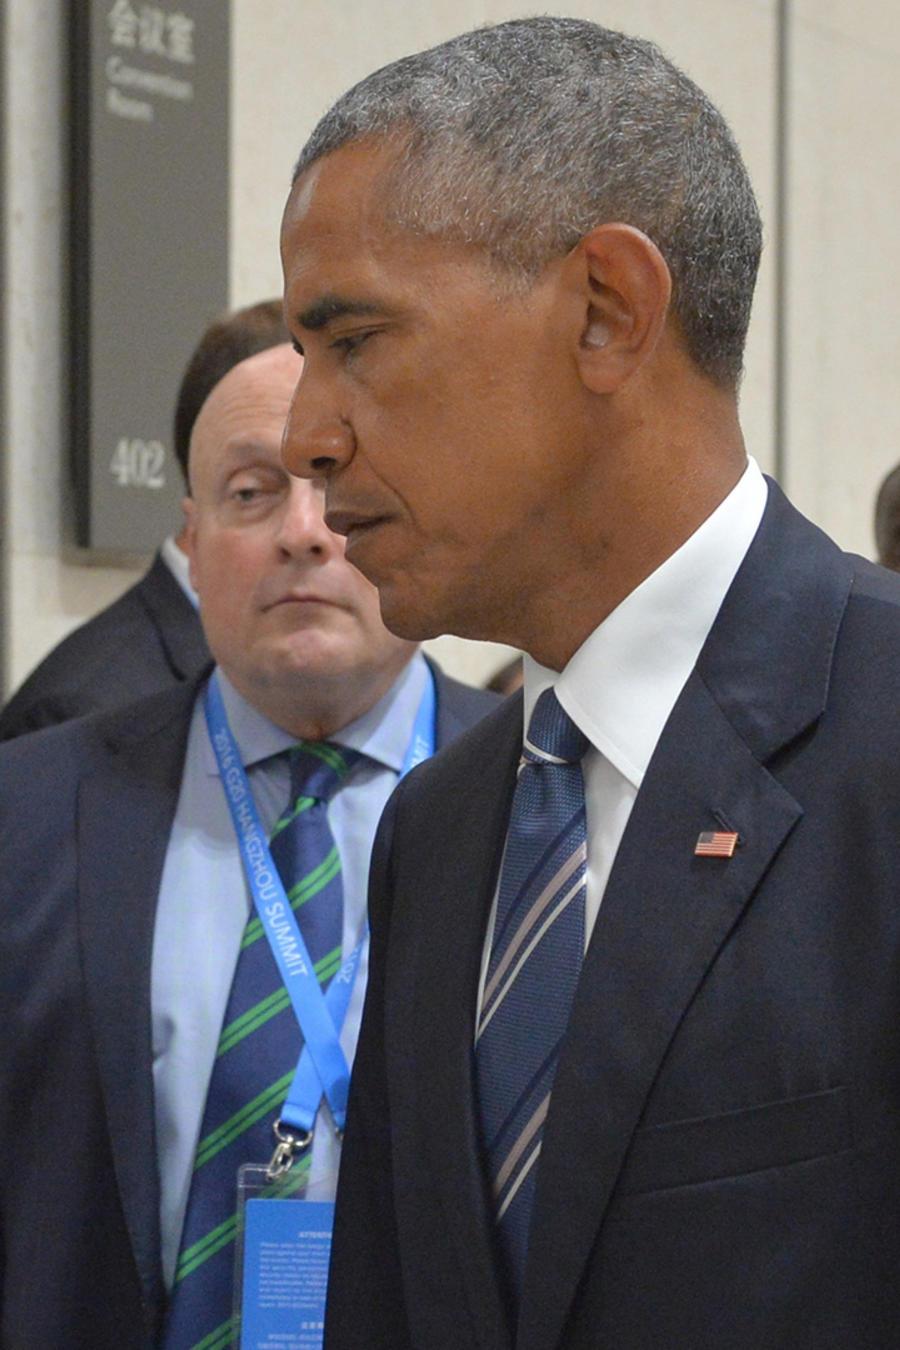 El presidente de EEUU, Barack Obama y su homólogo de Rusia Vladimir Putin durante una reunión en China el 5 de Septiembre del 2016